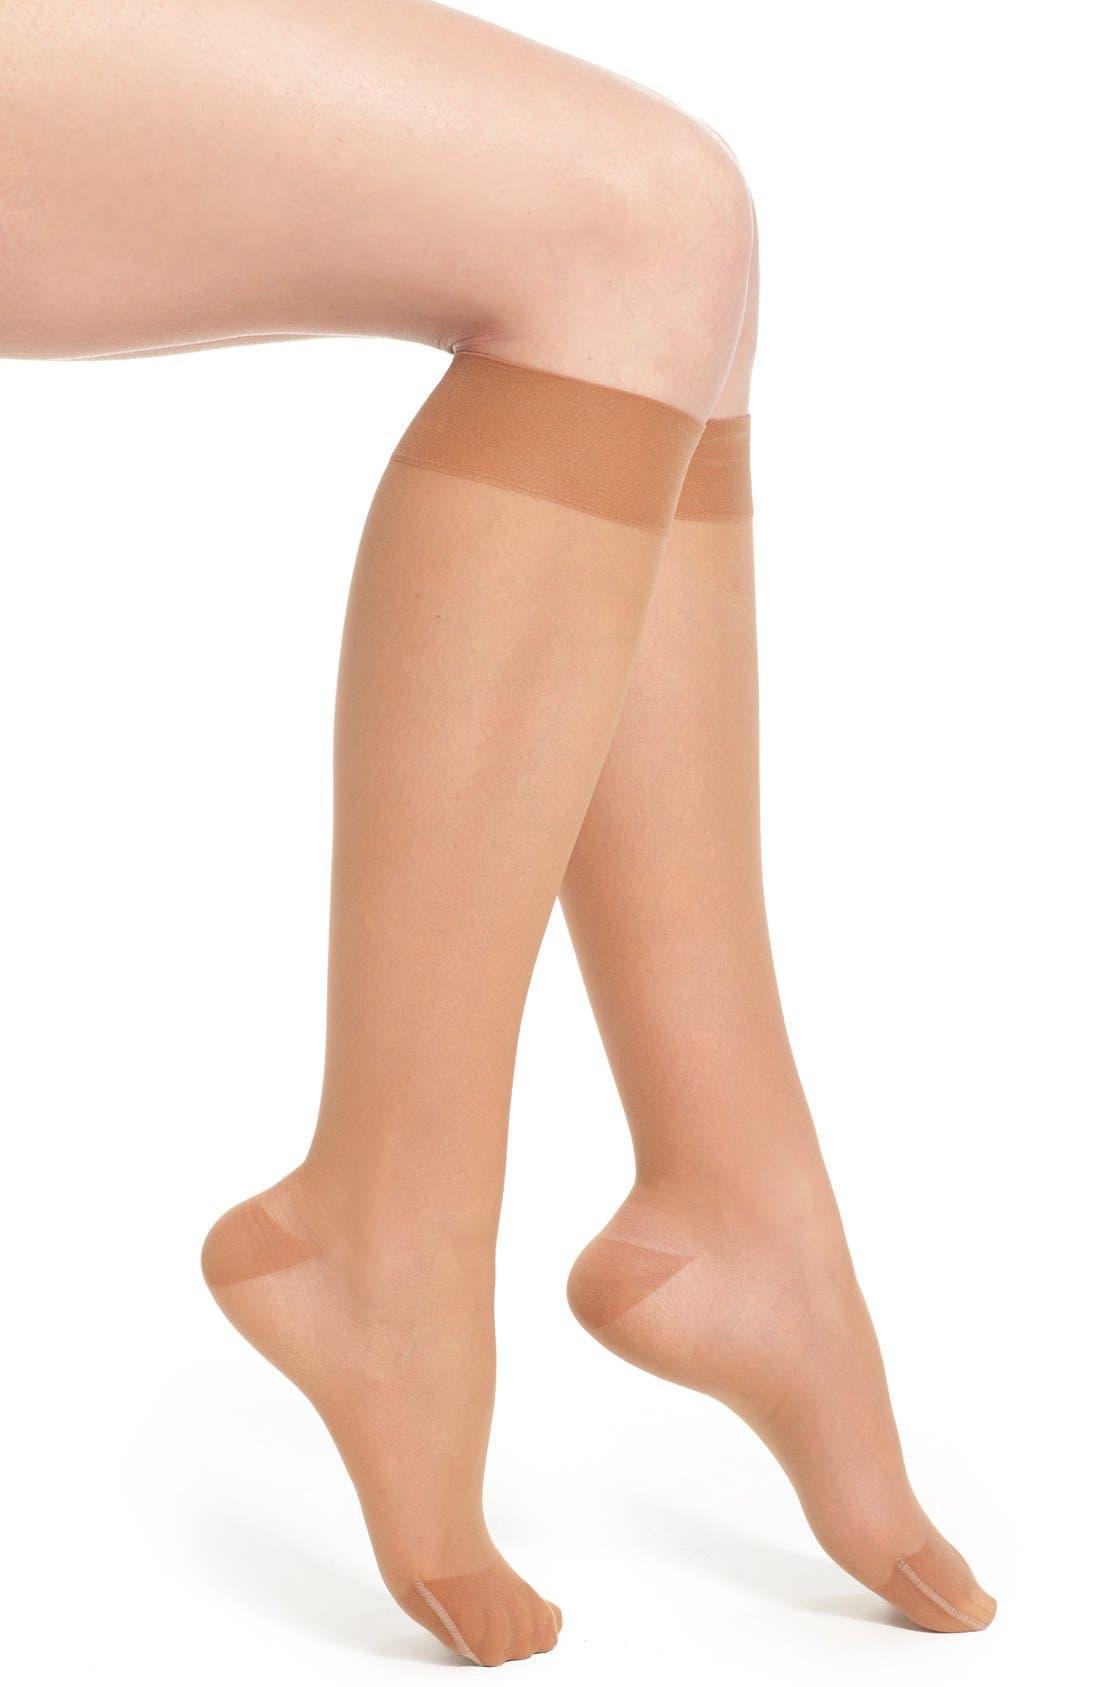 ITEM m6 Sheer Compression Knee High Socks